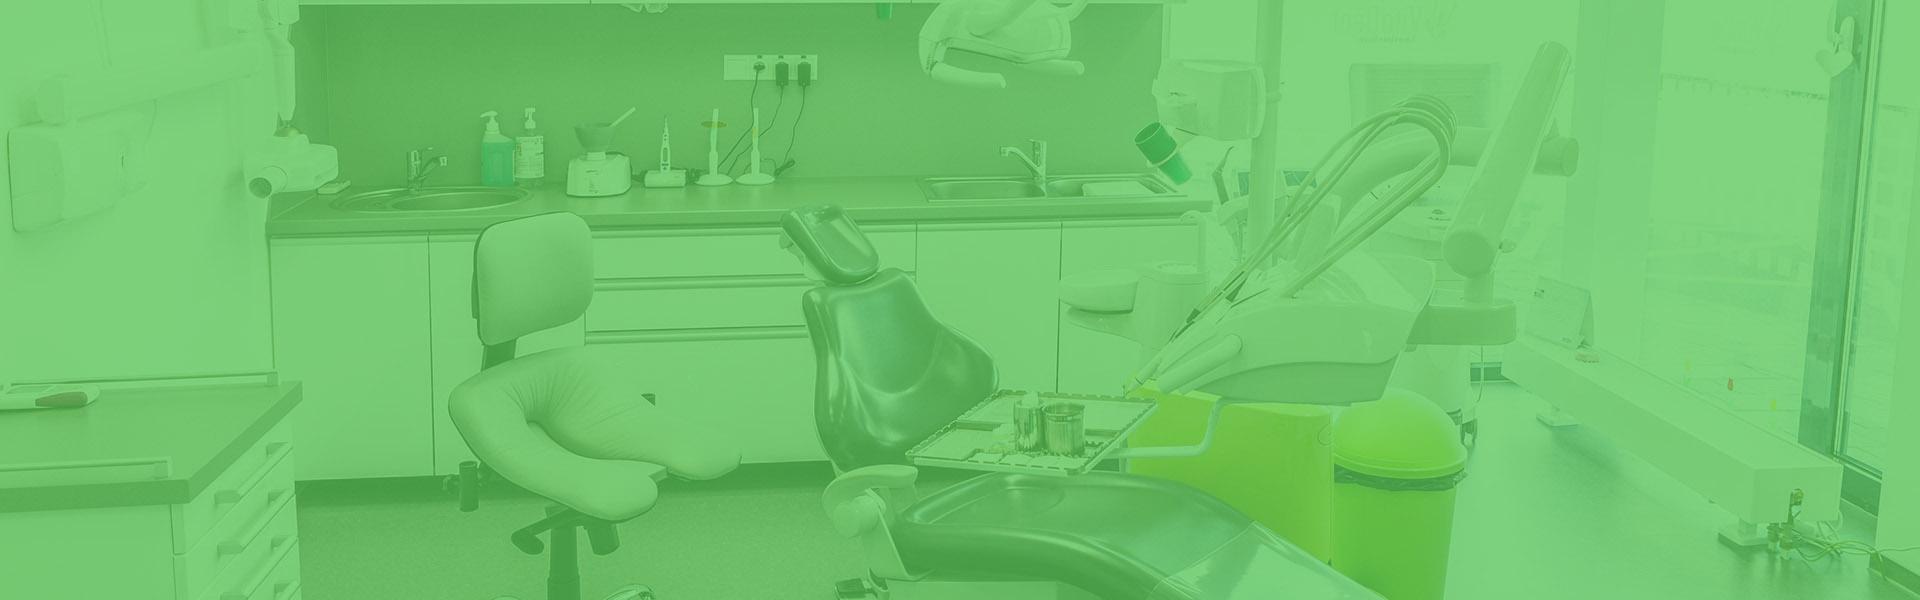 zubná klinika